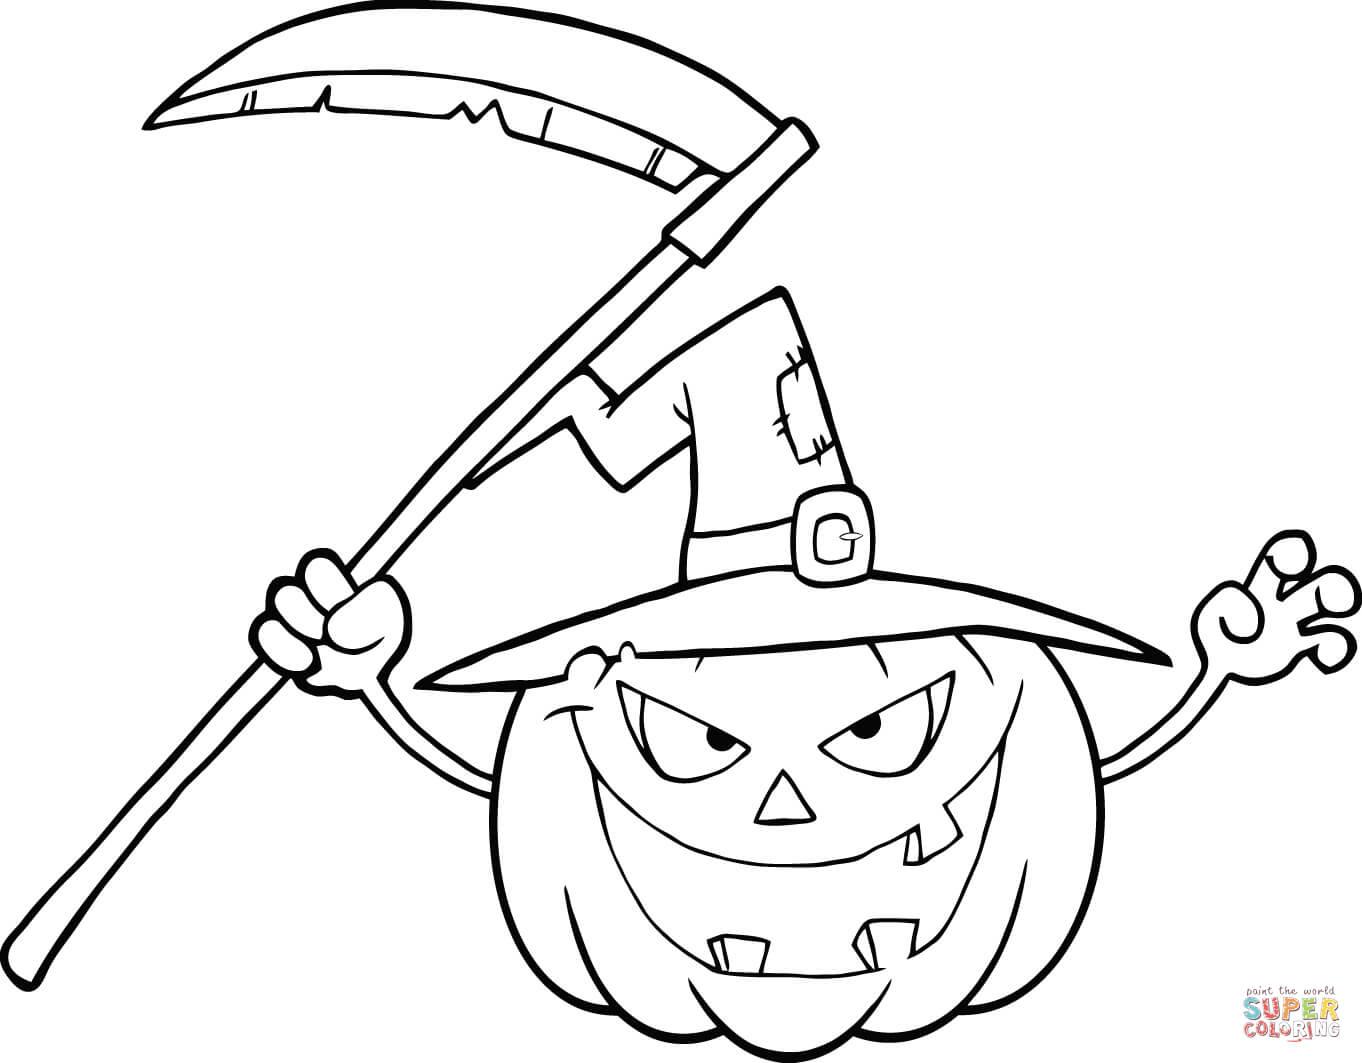 Dibujo De Terrorifica Calabaza De Halloween Con Sombrero De Bruja Y Guadana Para Colorear